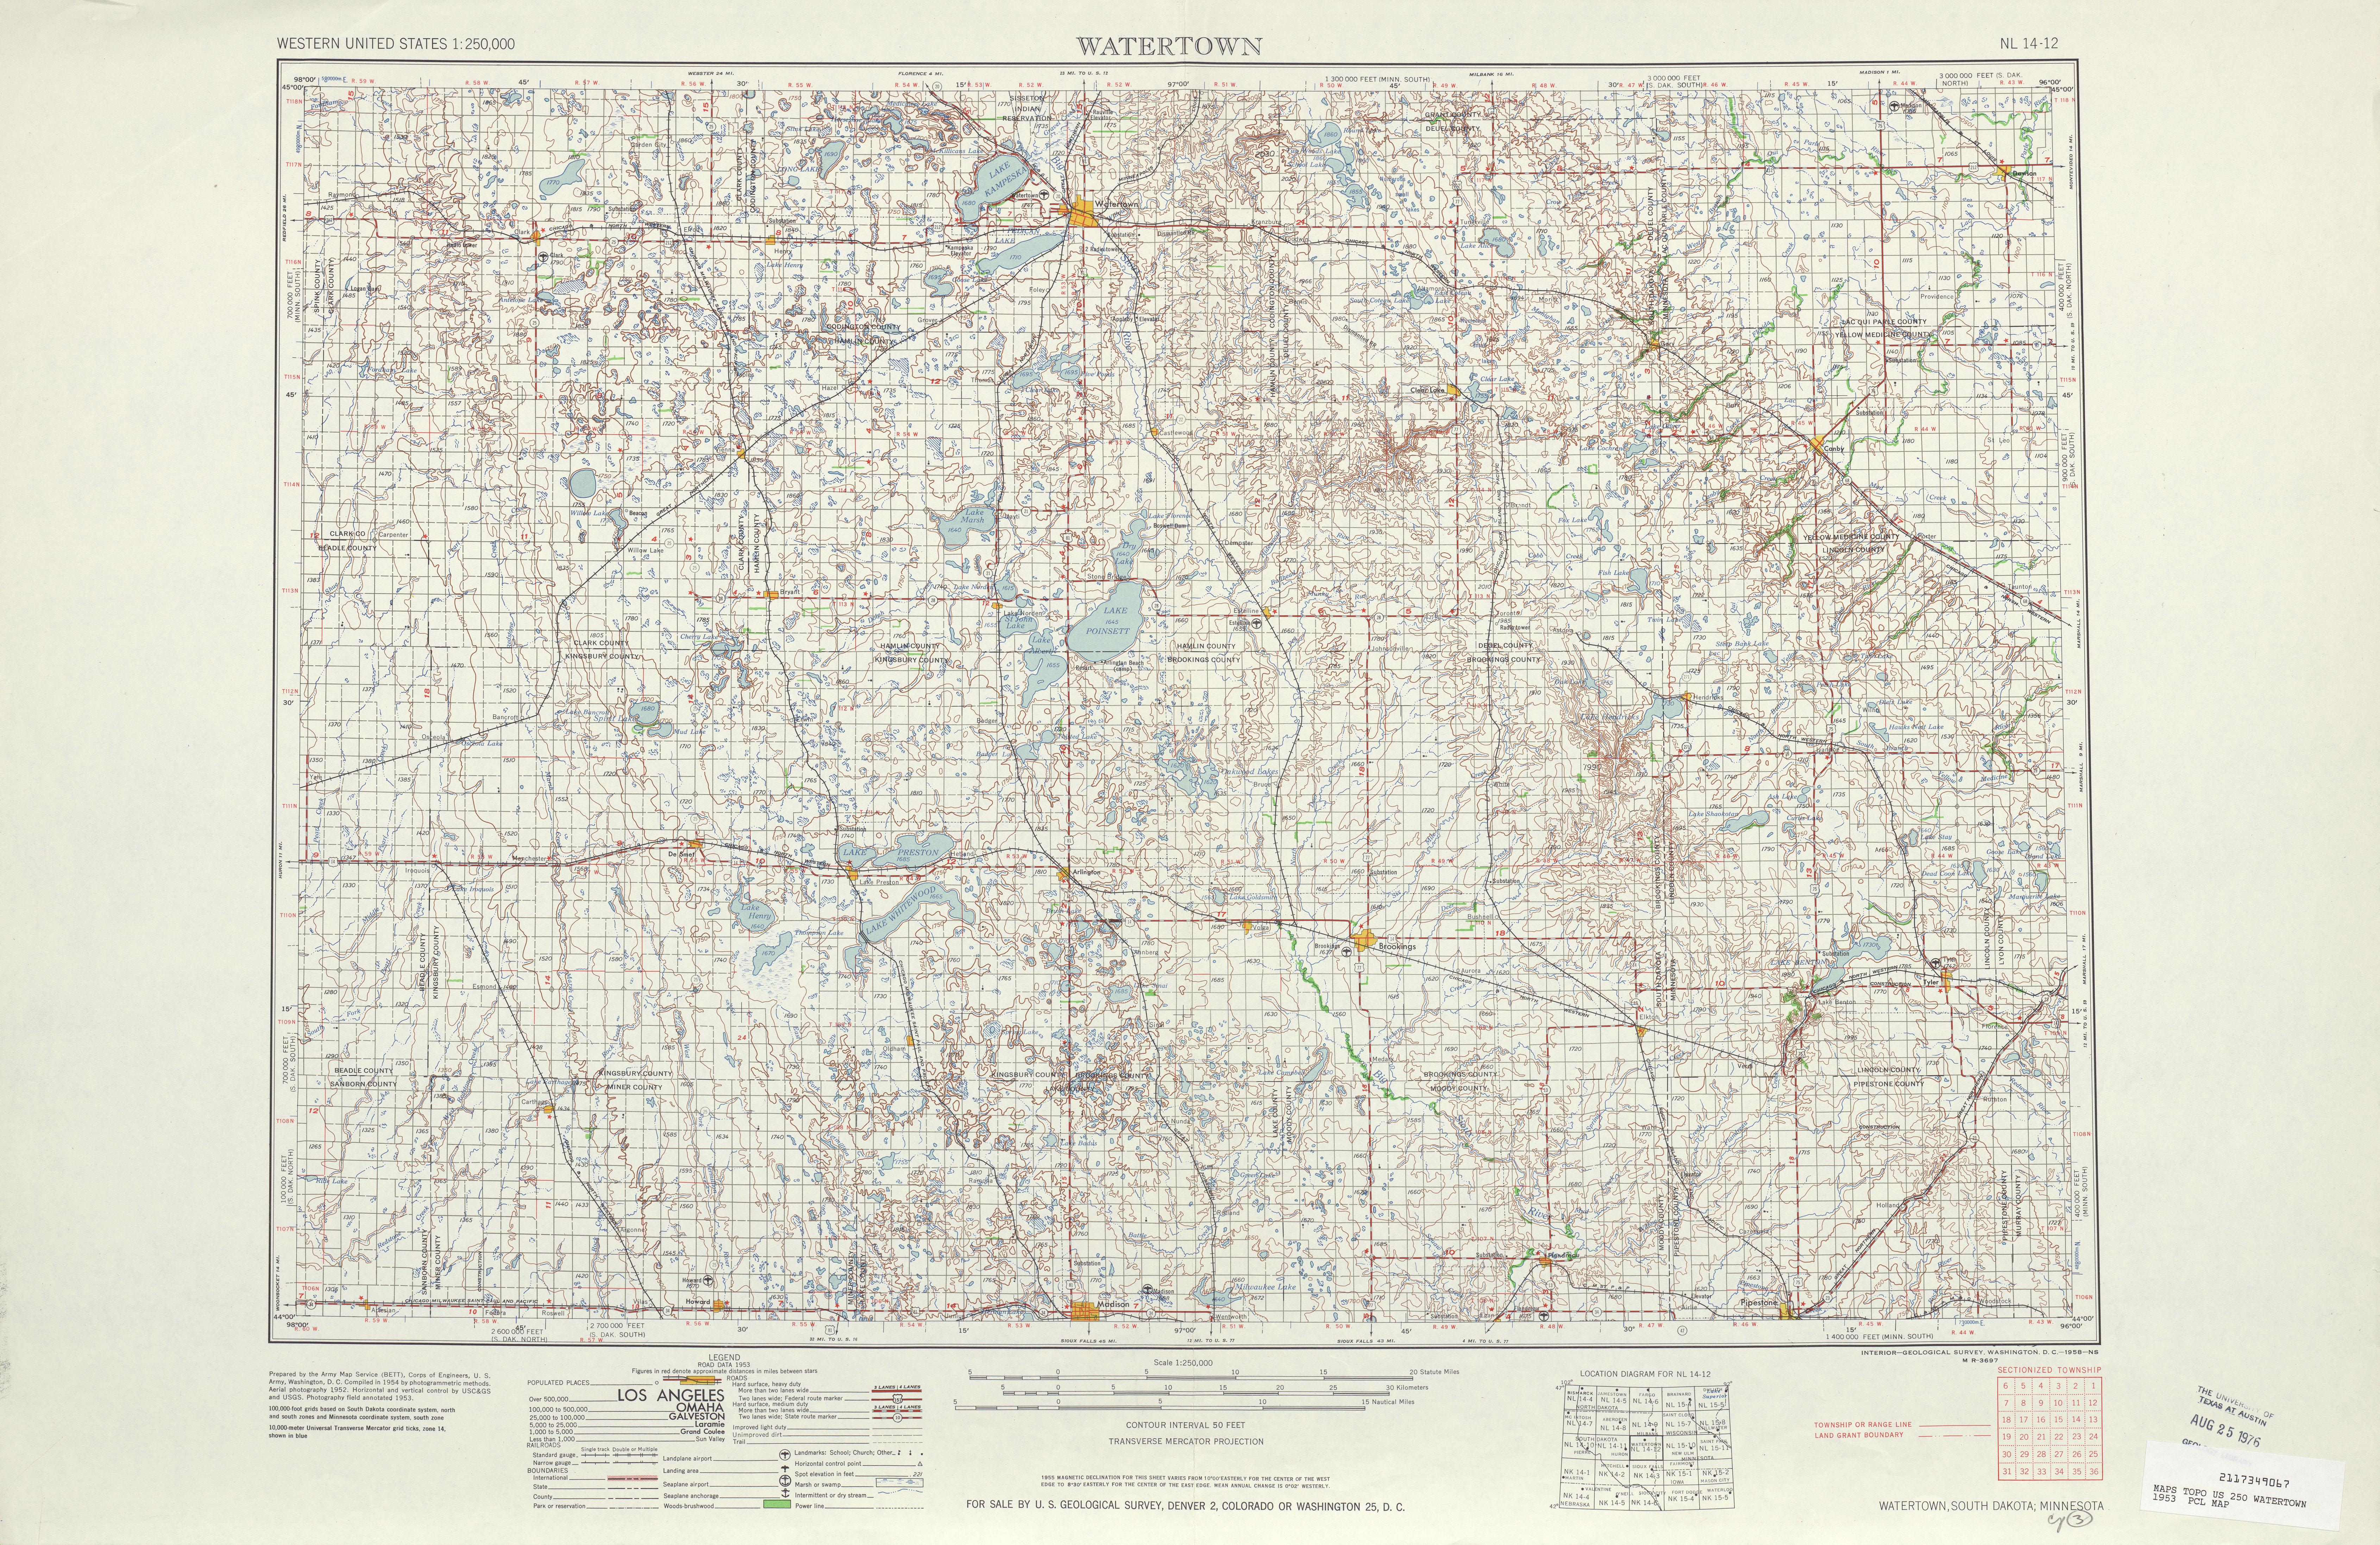 Hoja Watertown del Mapa Topográfico de los Estados Unidos 1953